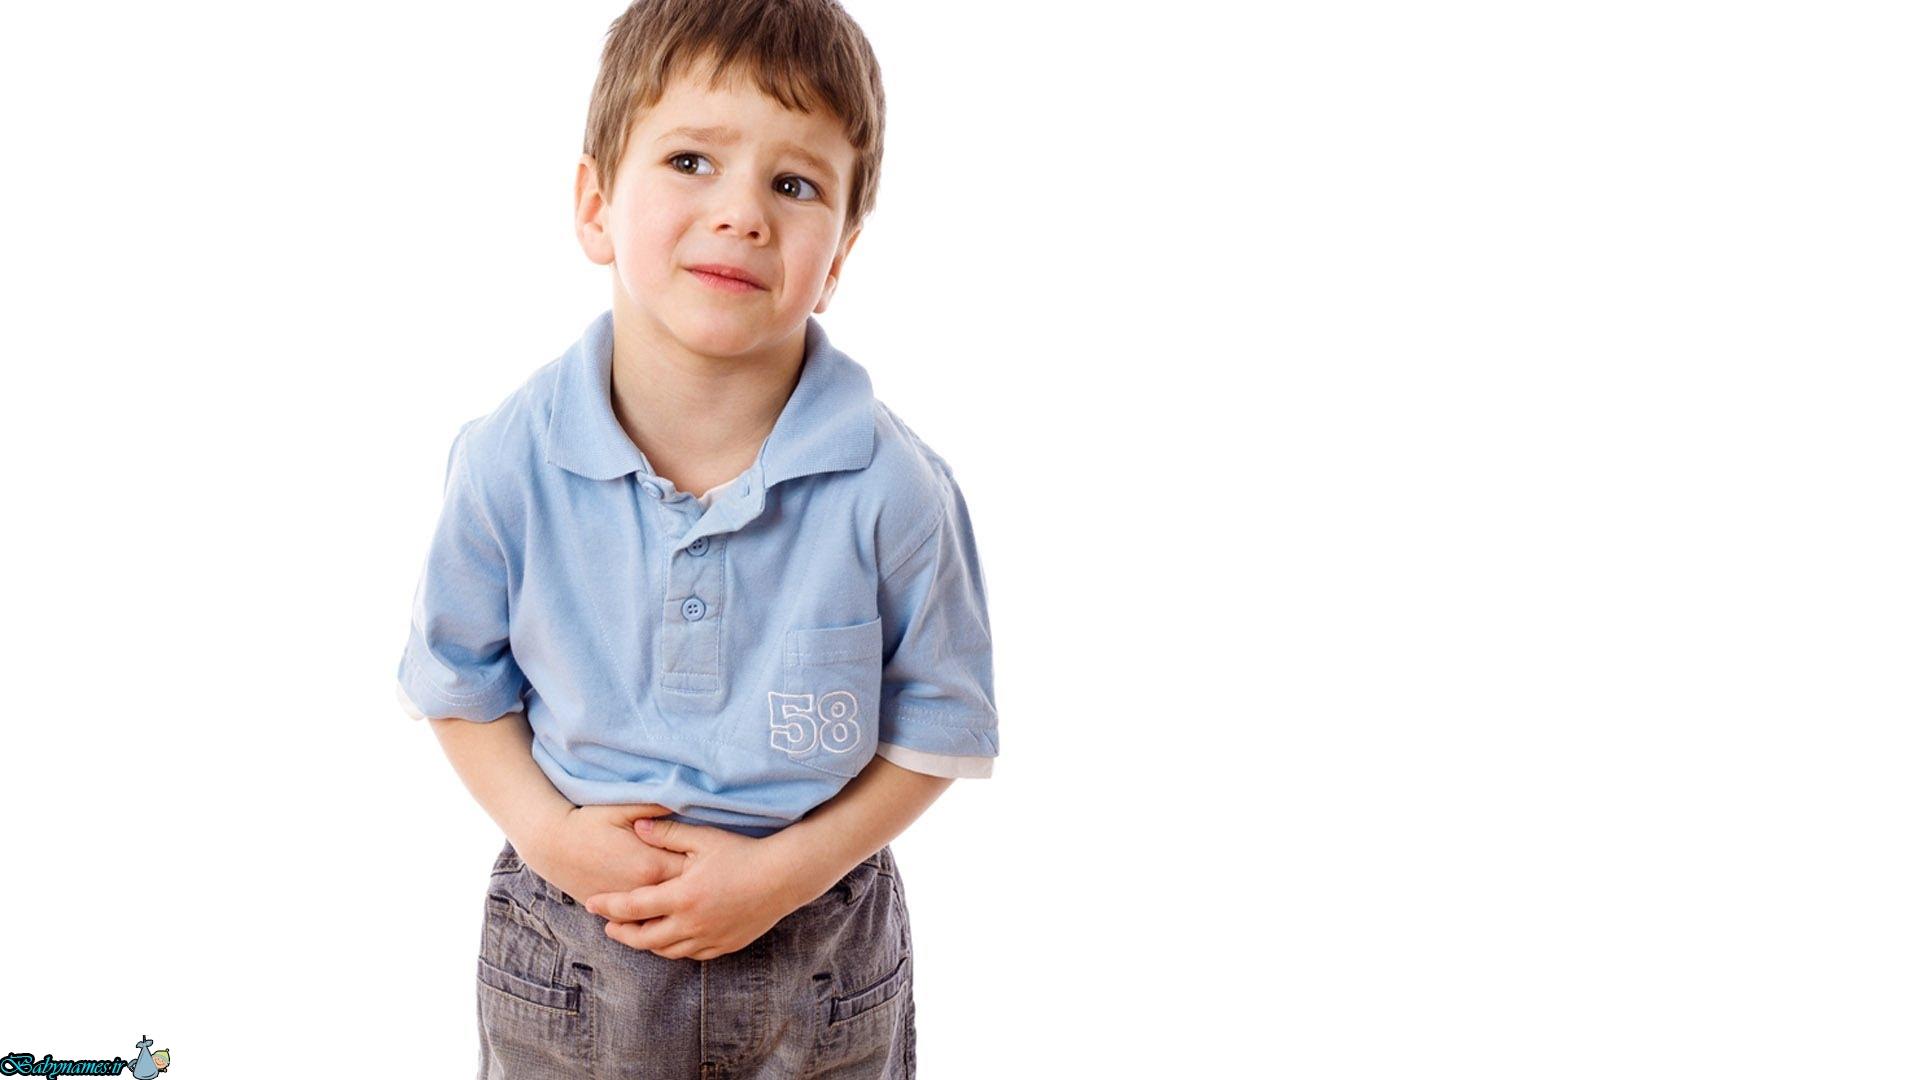 ویروس عامل مهم بروز اسهال در کودکان